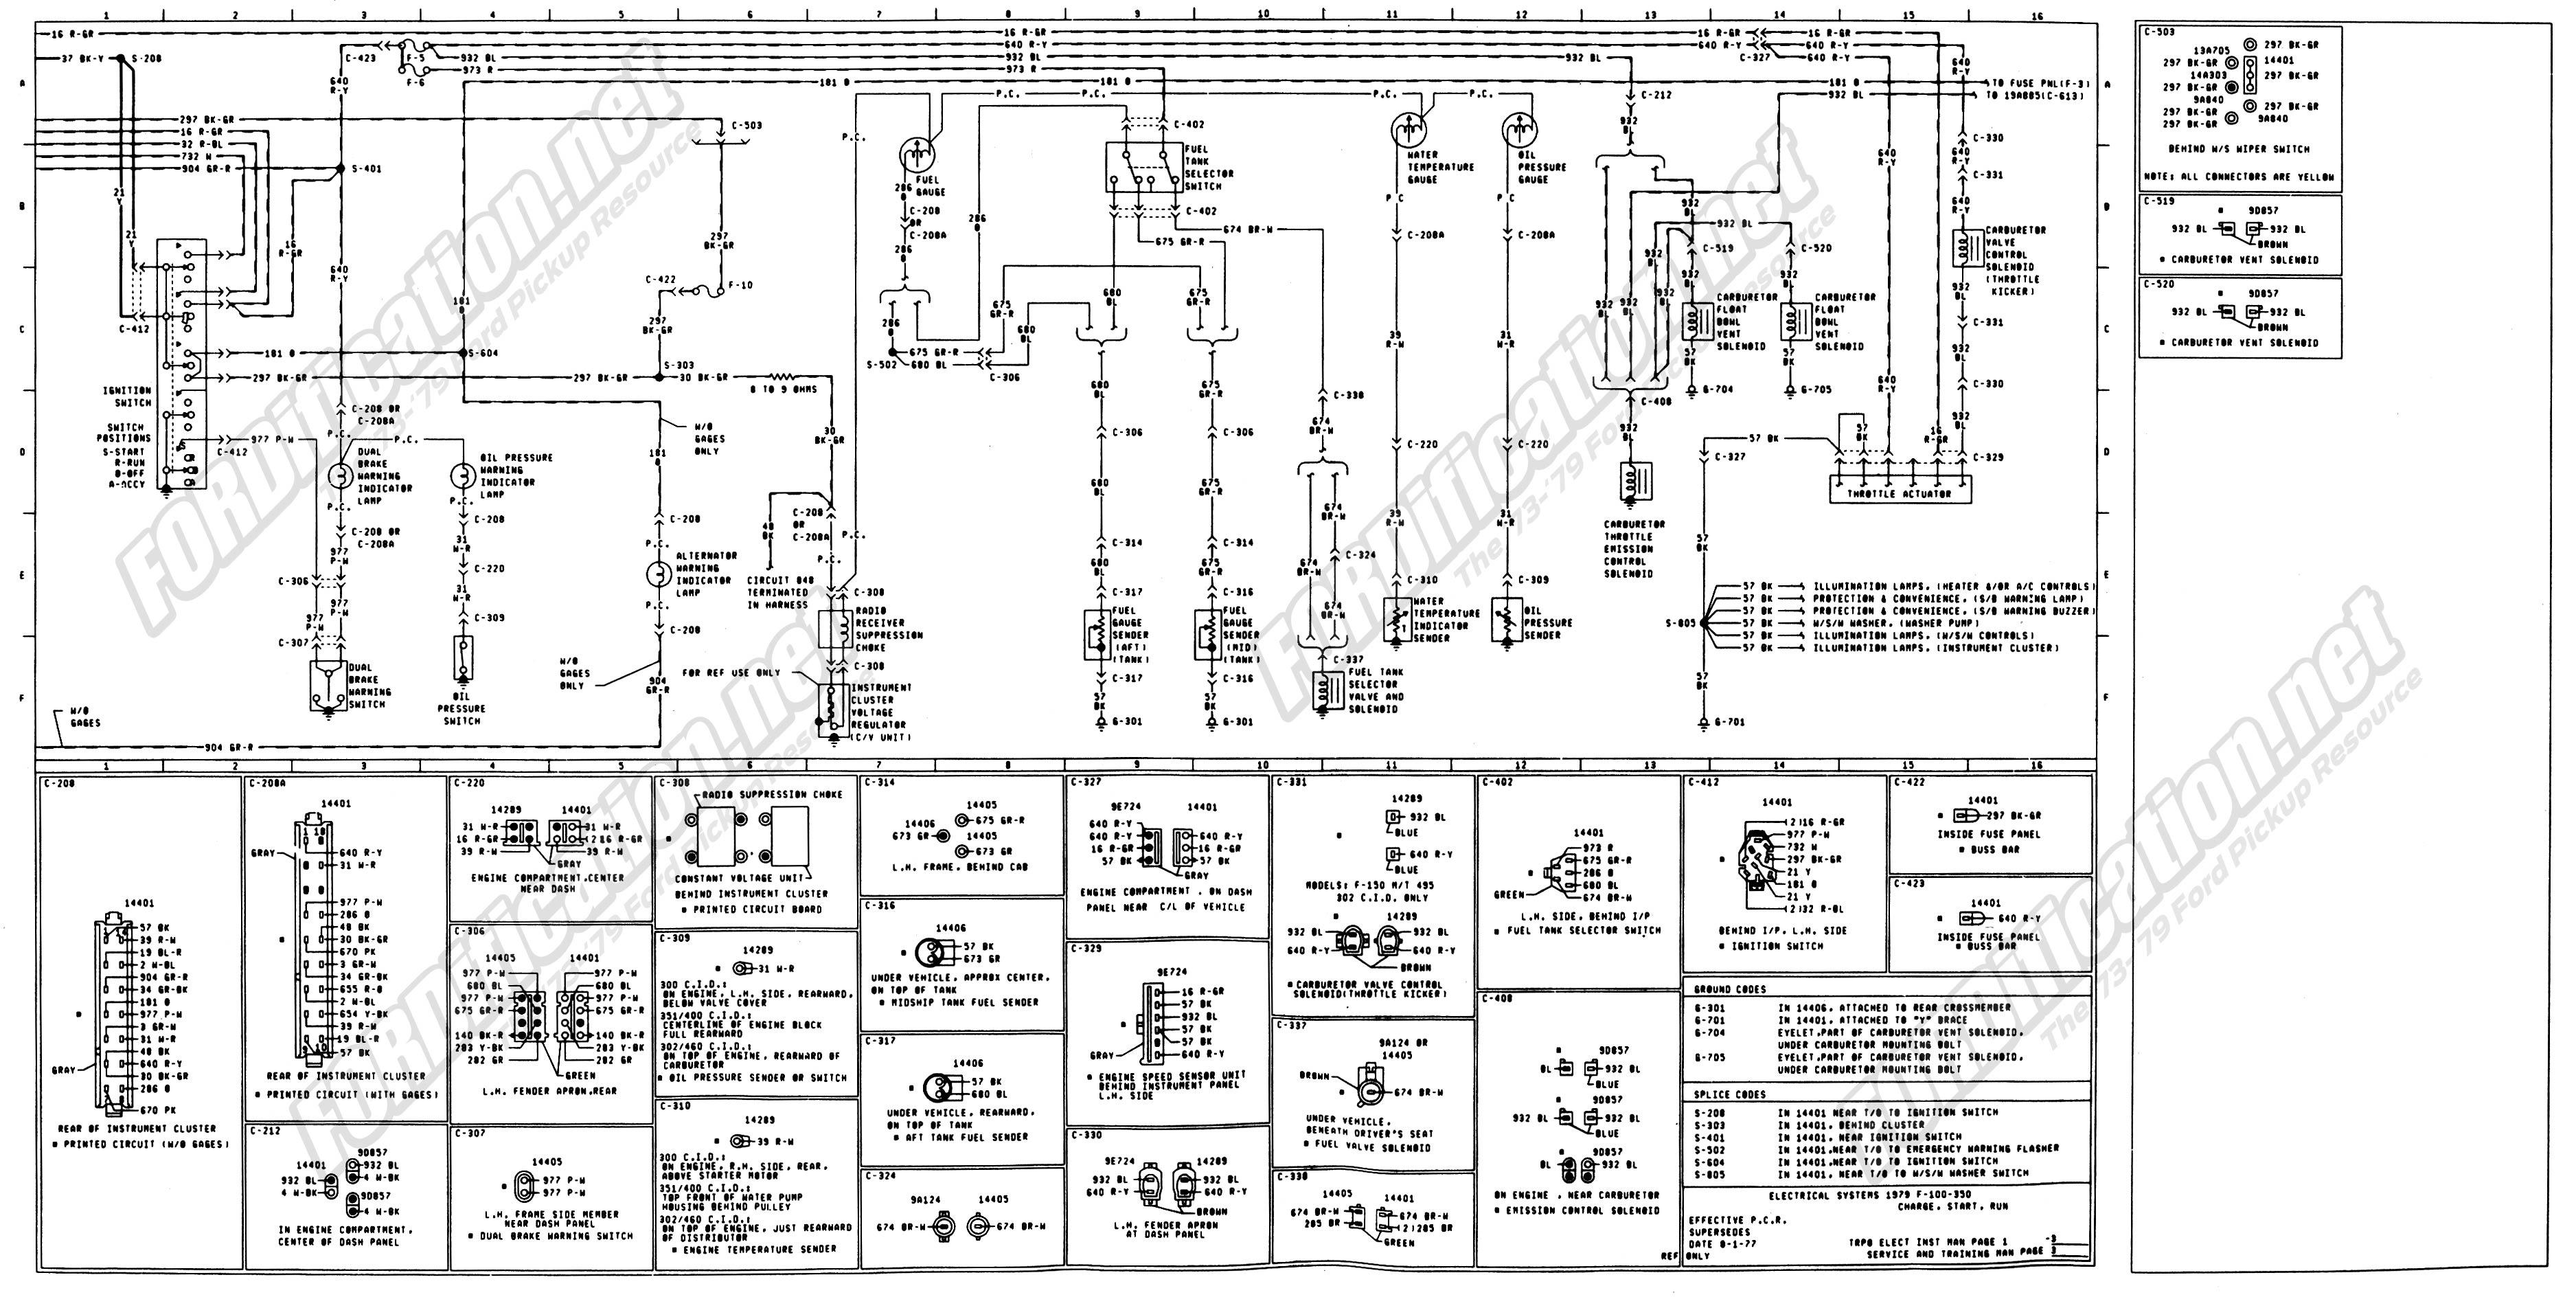 Ford escape wiring diagram efcaviation com 2012 Ford Escape Wiring-Diagram 2002 Ford Escape Wiring-Diagram 2011 Escape Wire Diagram